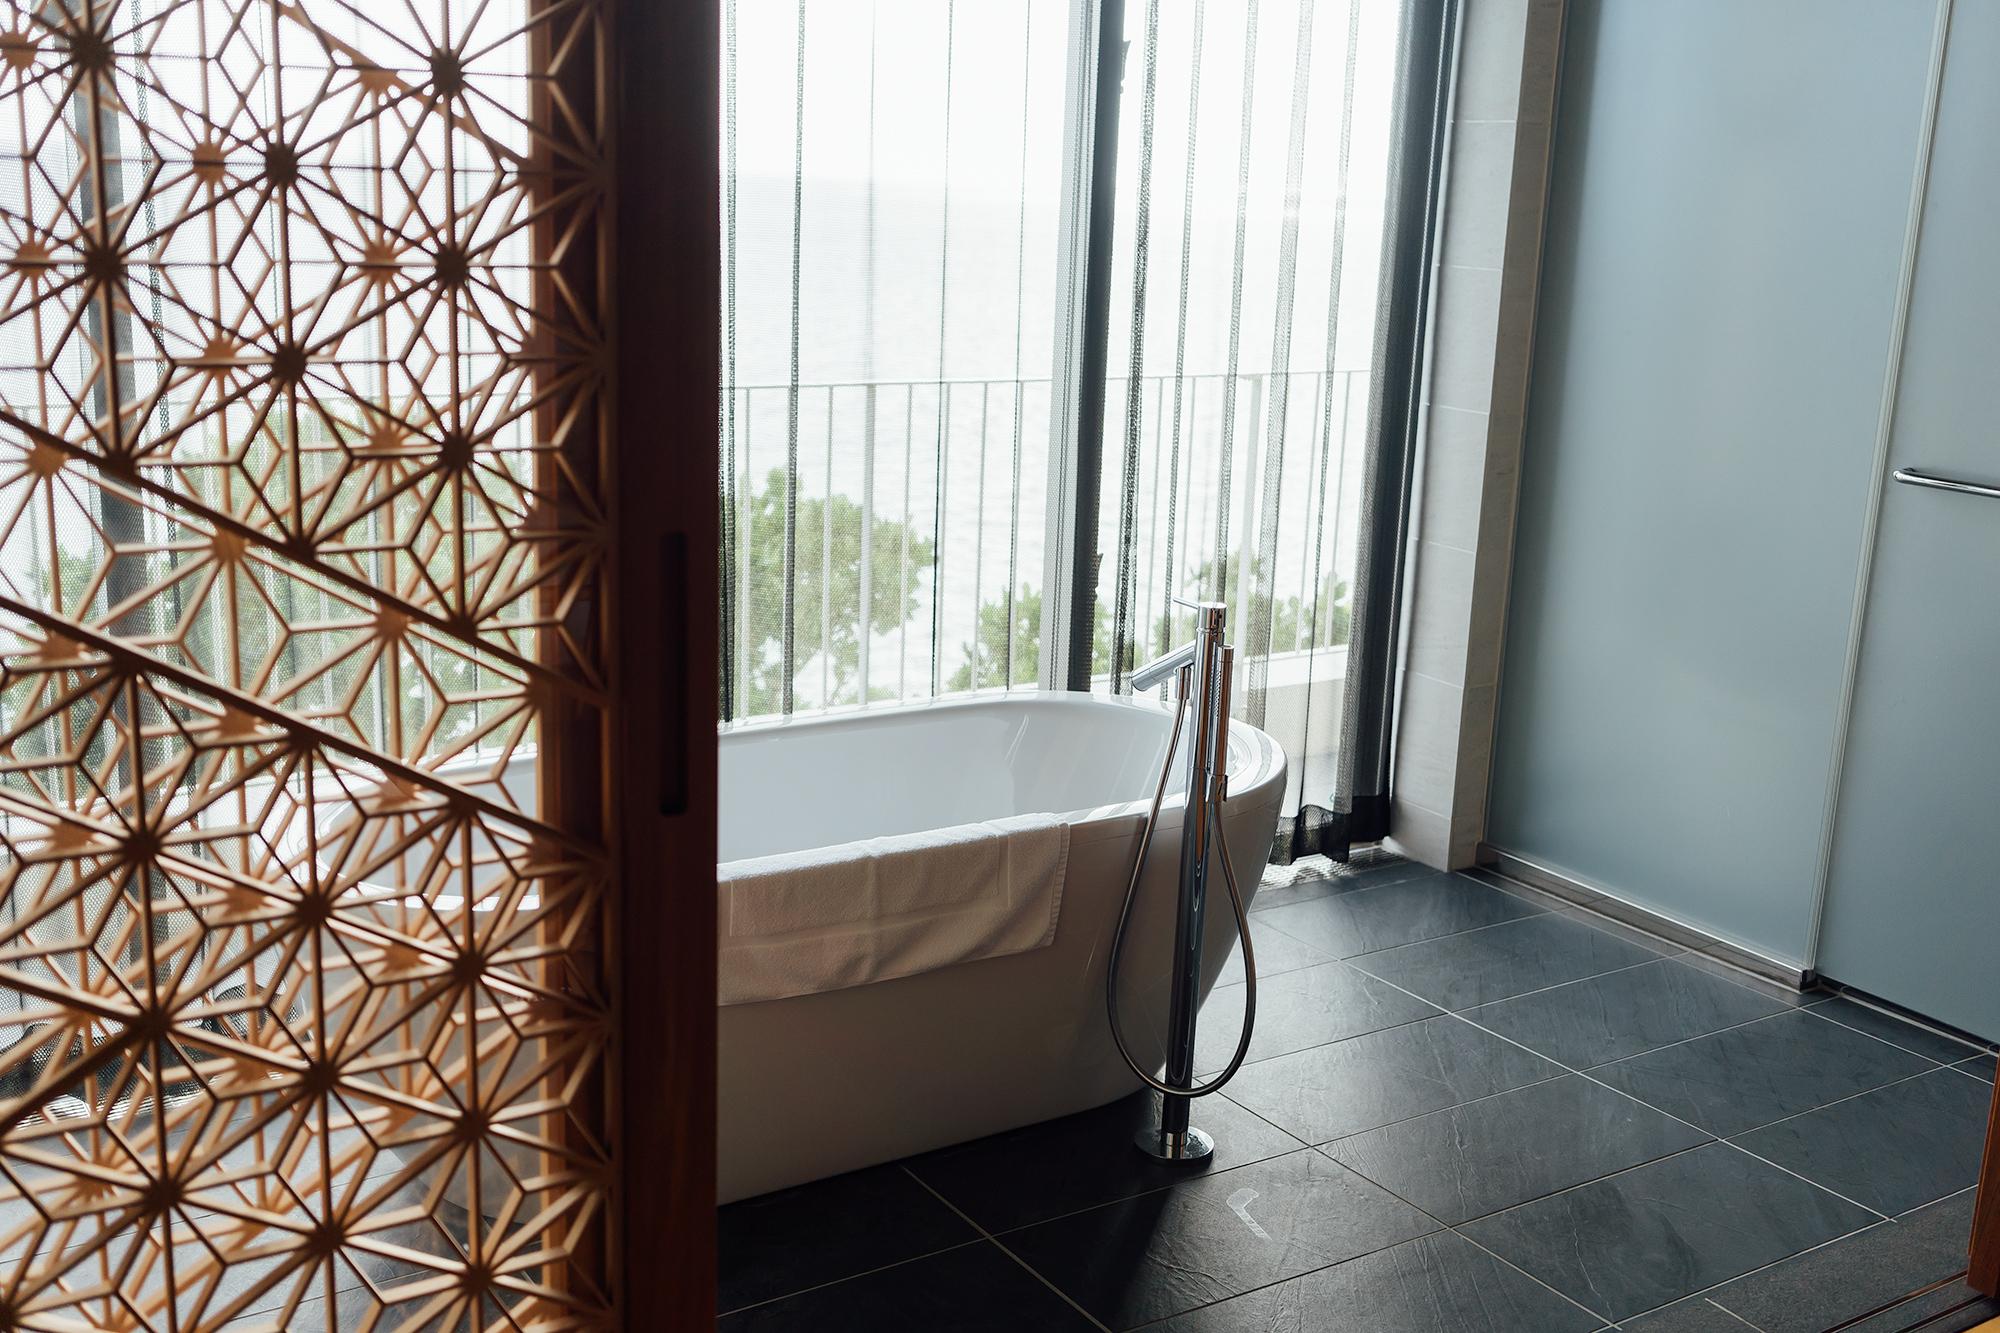 石垣島ビーチホテルサンシャイン 浮舟